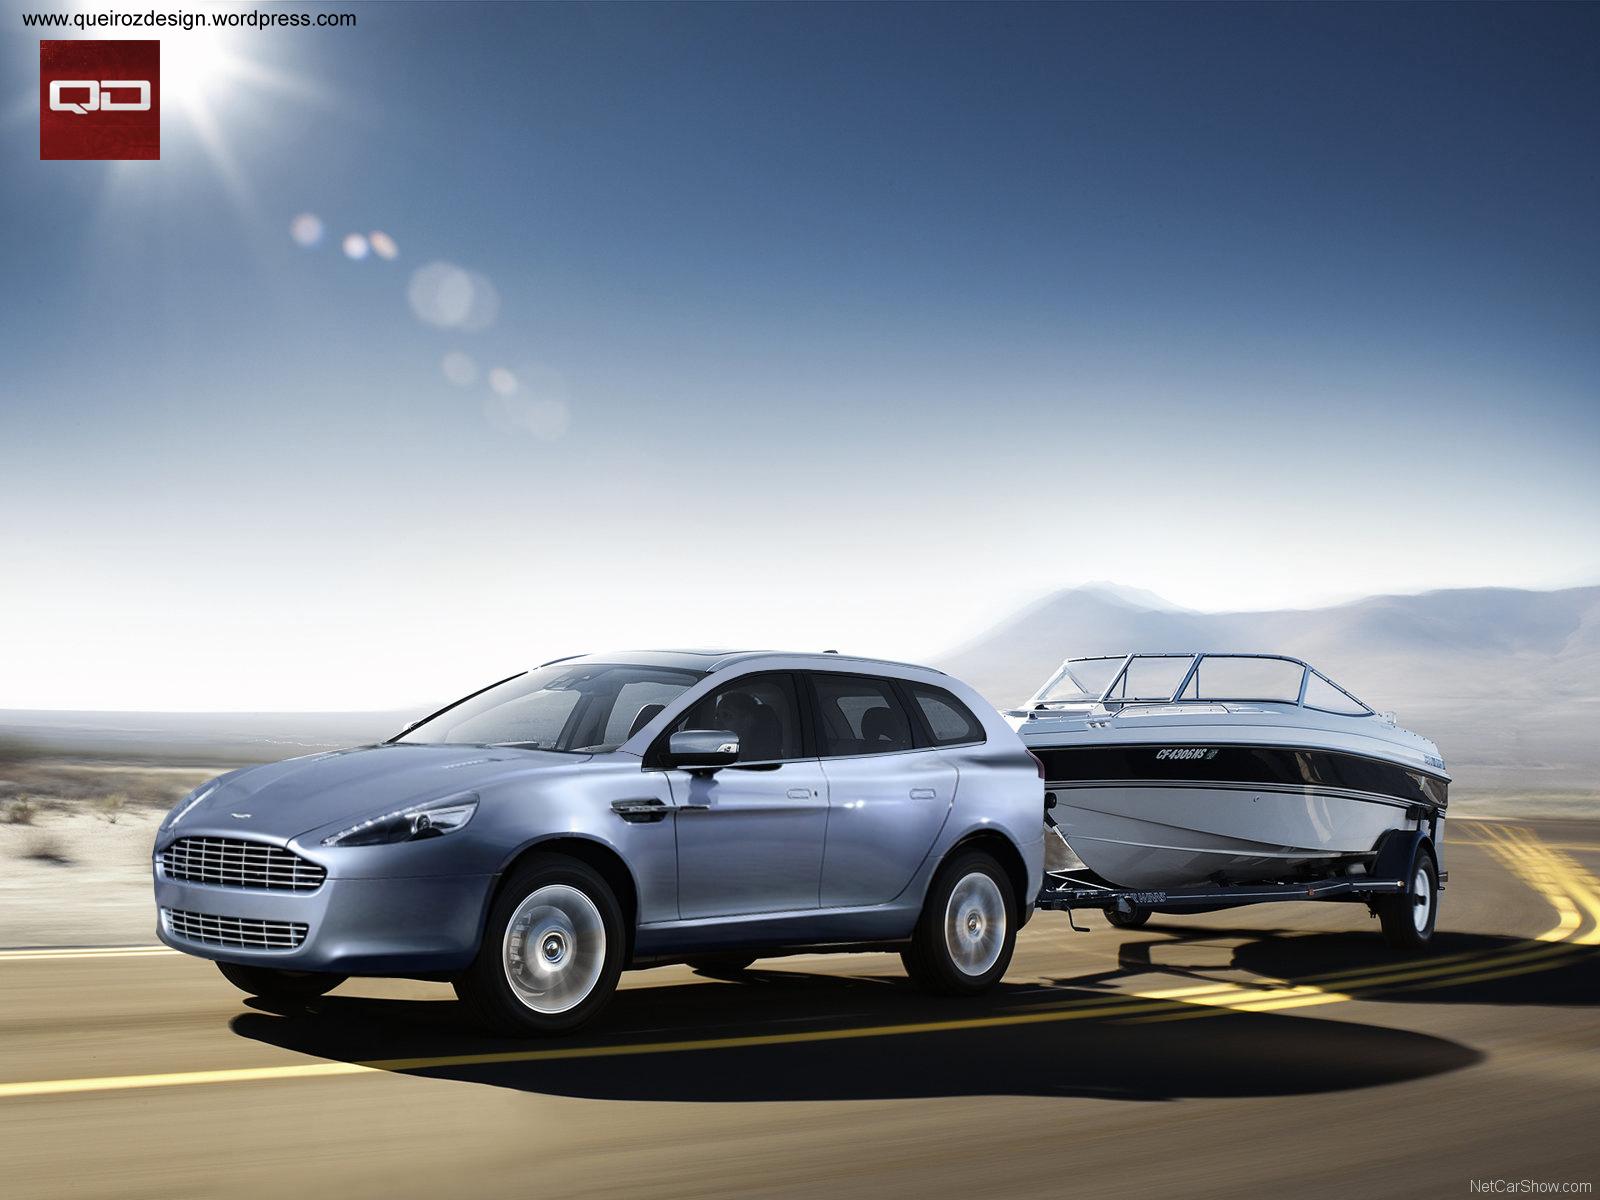 Aston Martin Brute - Clique na Imagem para Ampliar